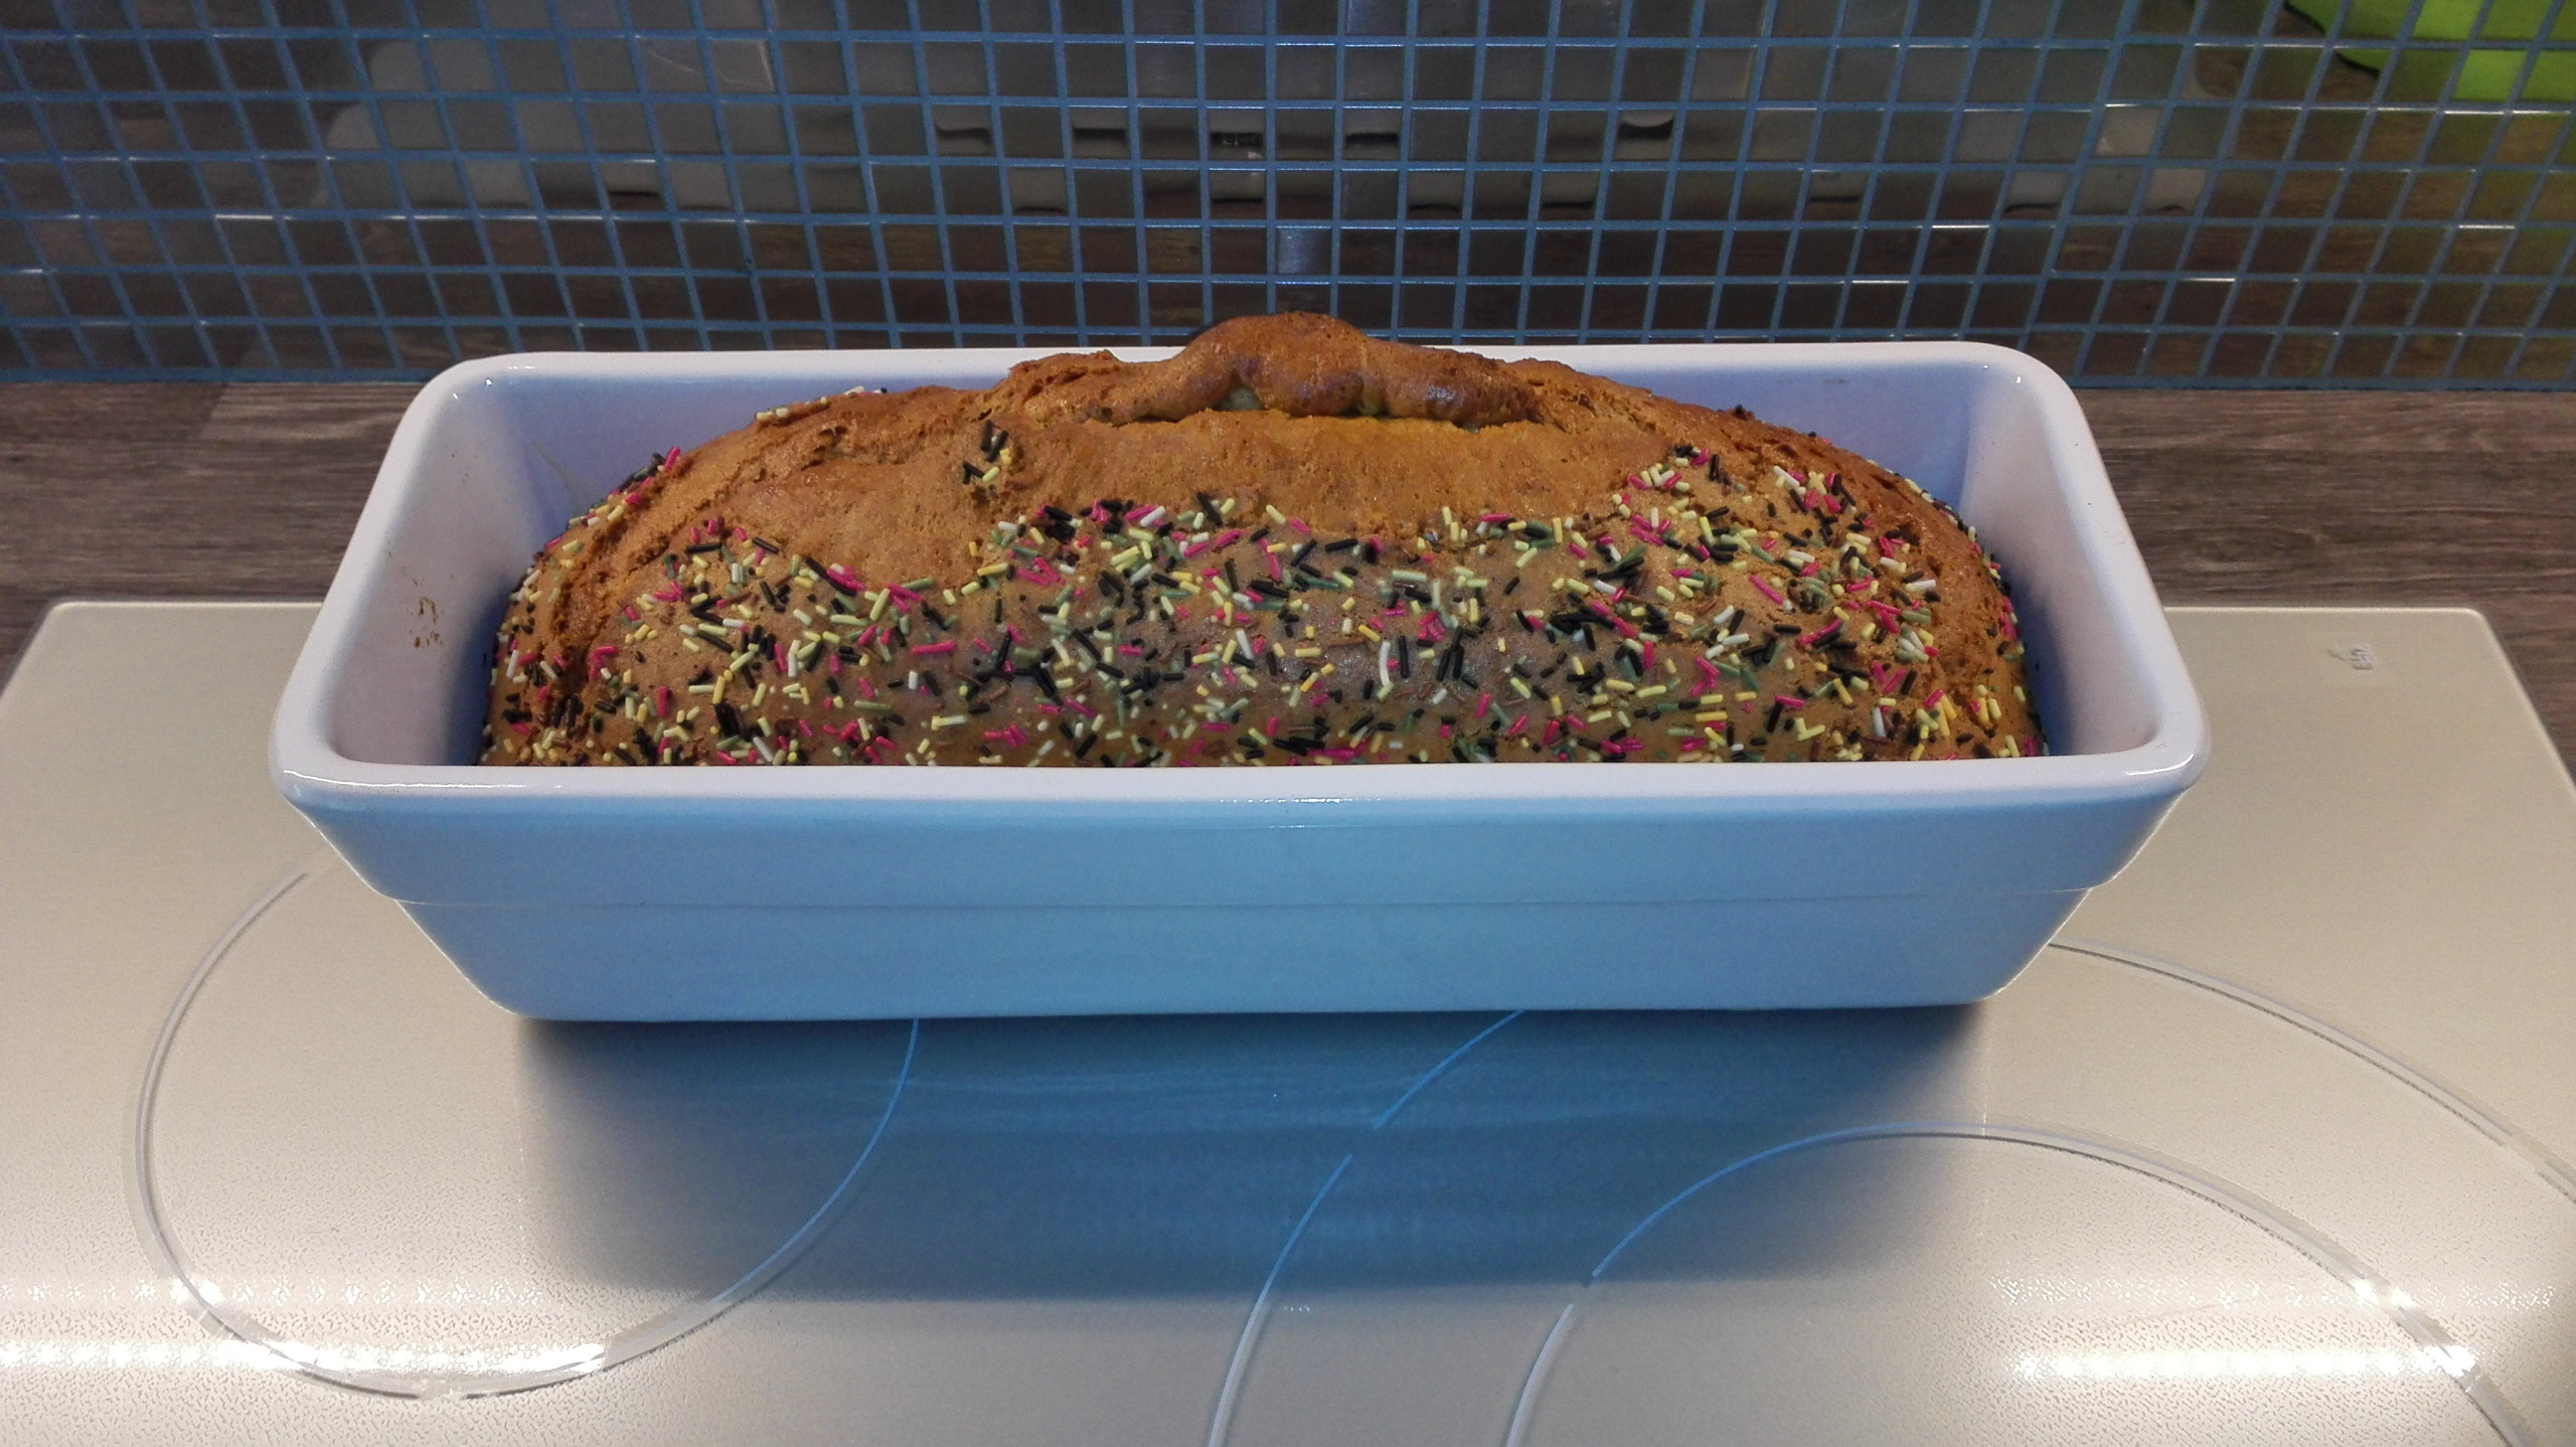 Recette de cake faire avec les enfants maman teste tout maman teste tout - Gateau a faire avec enfant ...